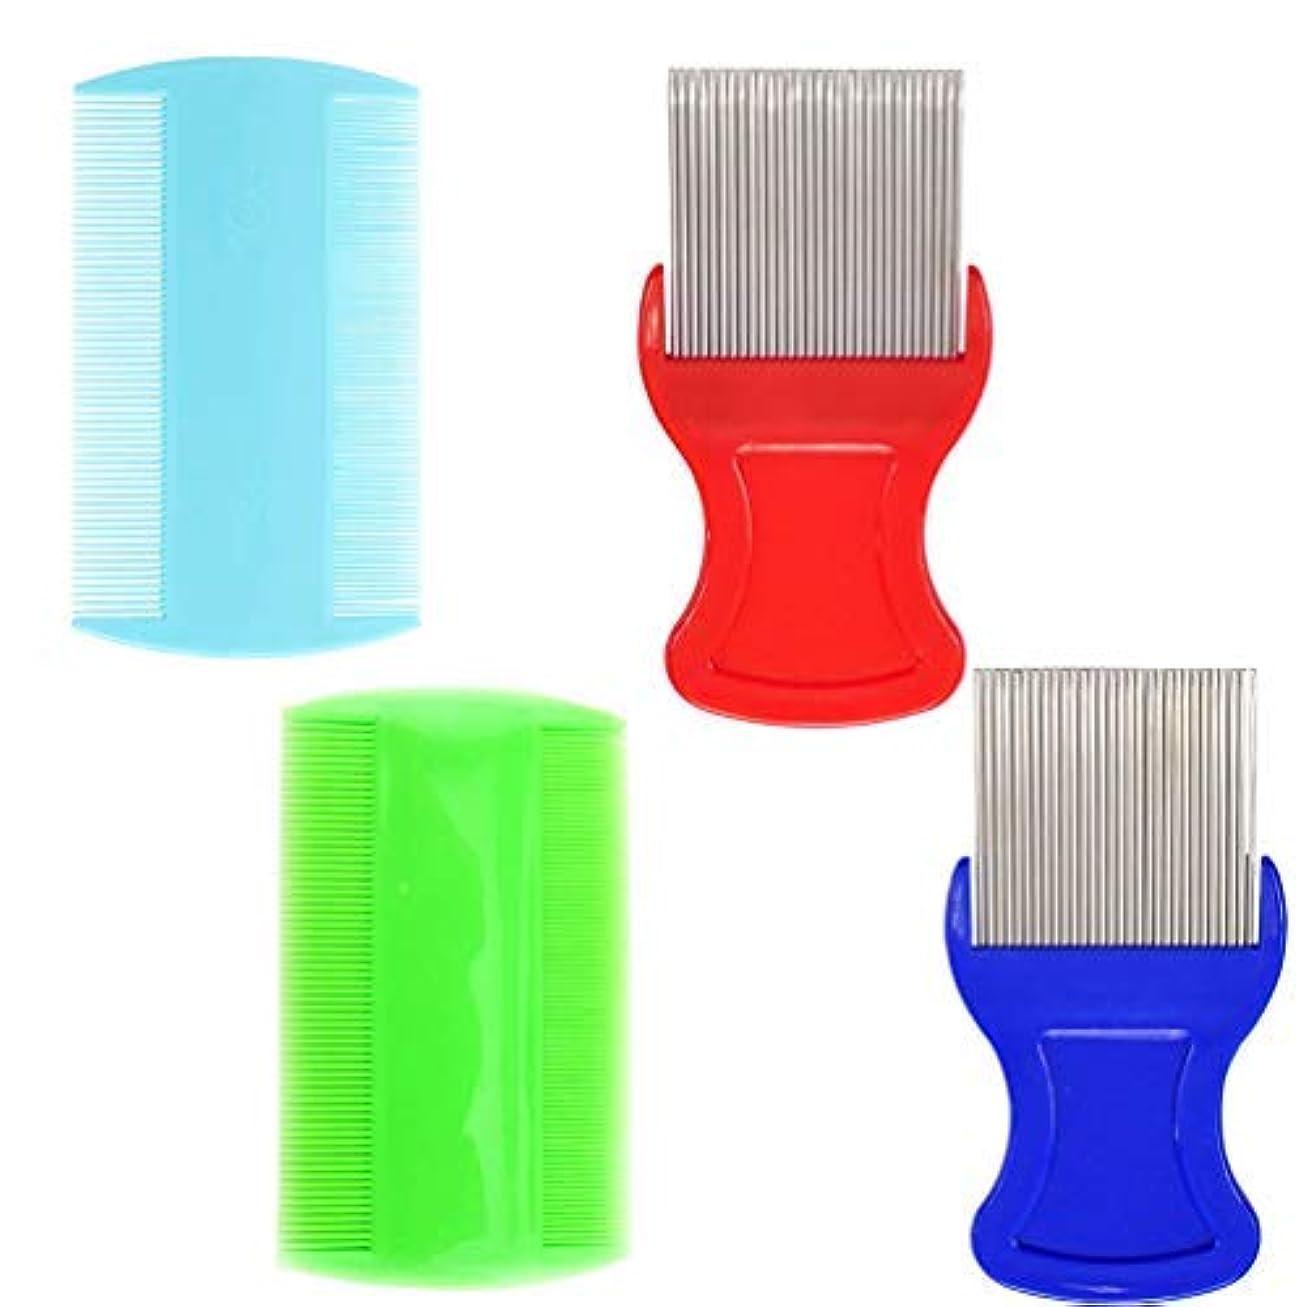 専門吐く滝Hair Comb,Fine Tooth Comb,Removing Dandruff Flakes [並行輸入品]